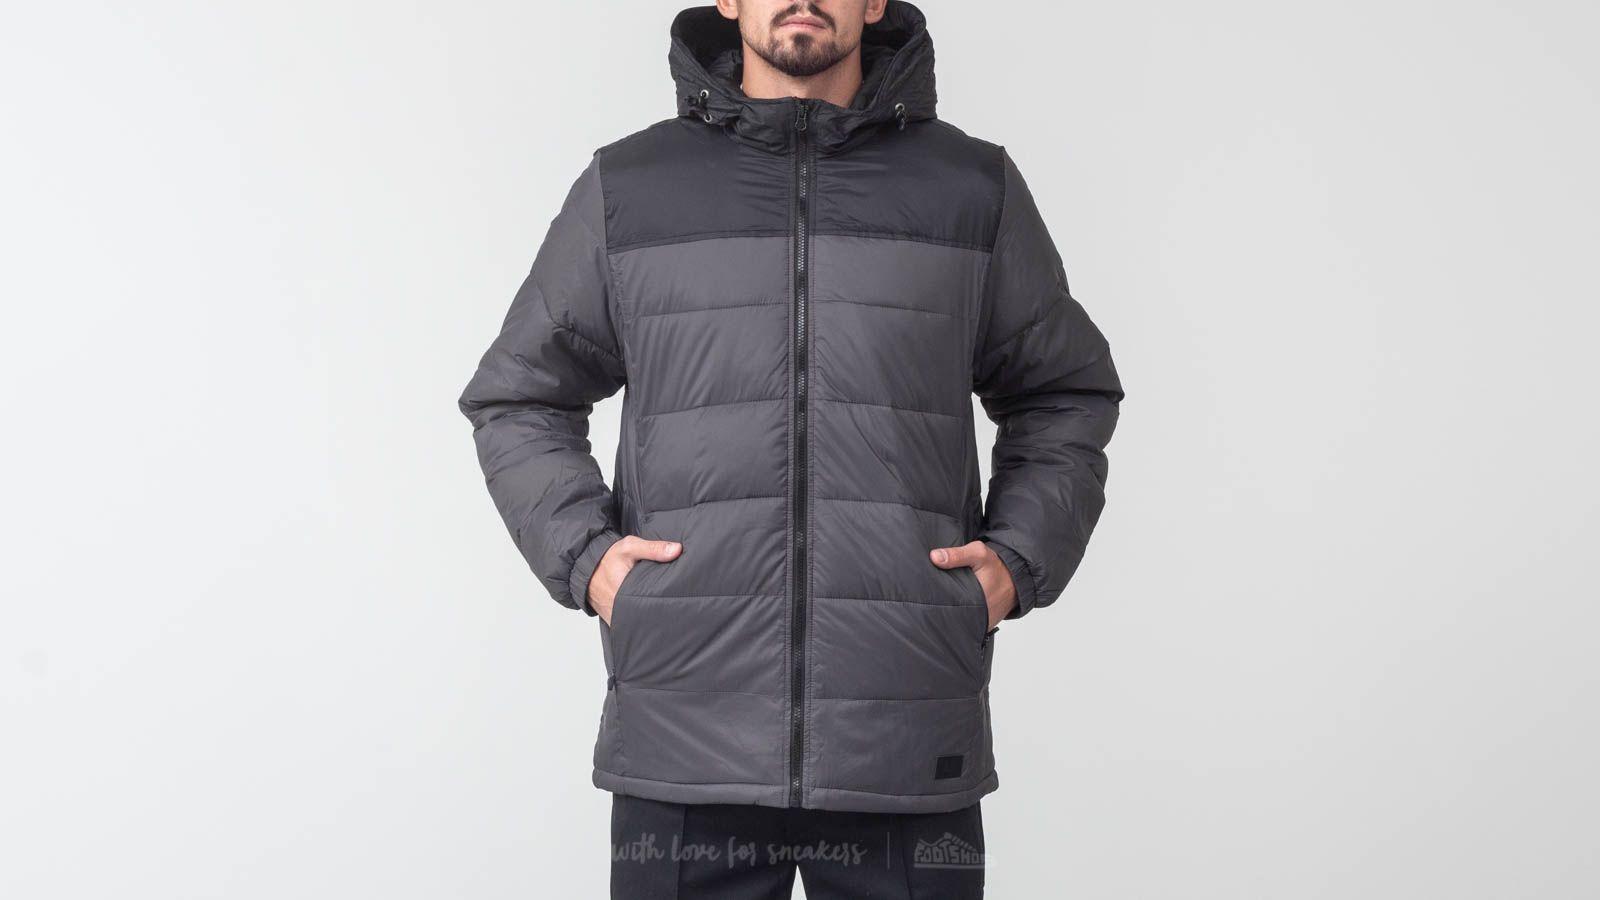 Vans Woodcrest Mountain Edition Jacket Black Asphalt za skvělou cenu 1 374 Kč koupíte na Footshop.cz